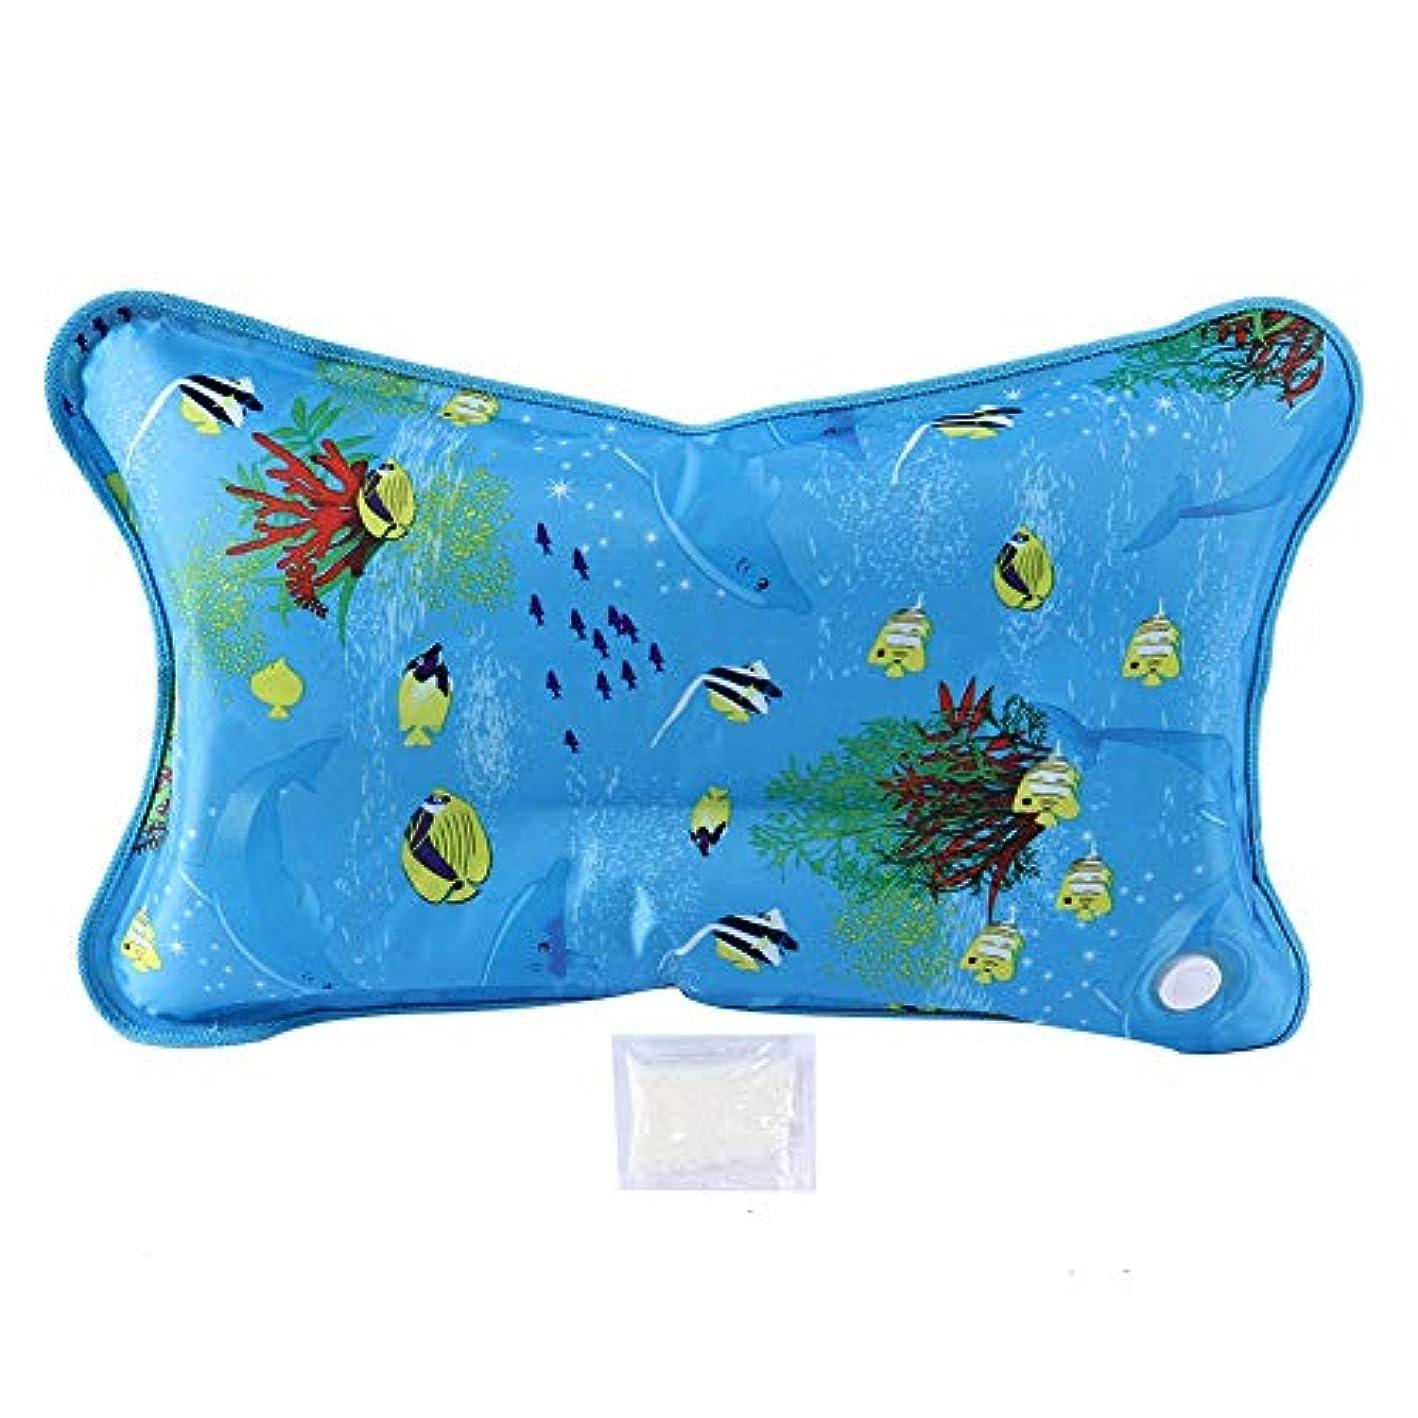 基準ワーム第四クールマット枕 クールマット ジェルマット ひんやり枕 ひんやりジェルマット ひんやり冷却マット(55*35CM-小魚)